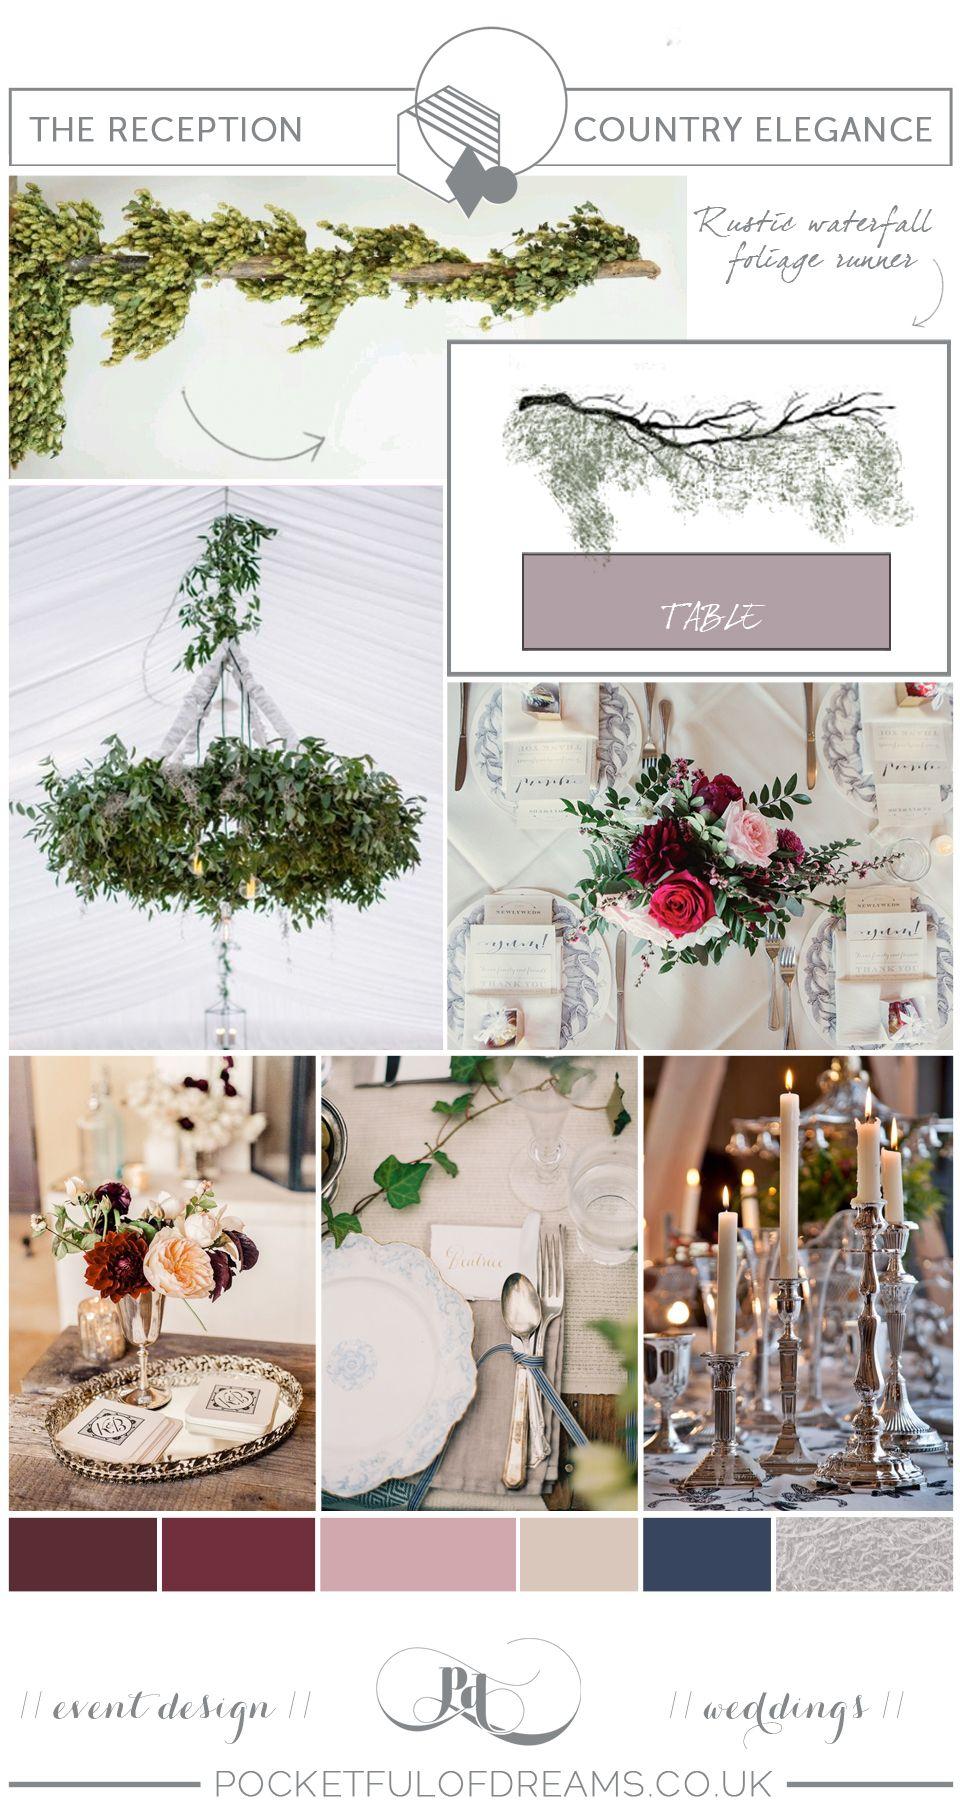 Country Elegance House Wedding Weekend Elegant Luxury